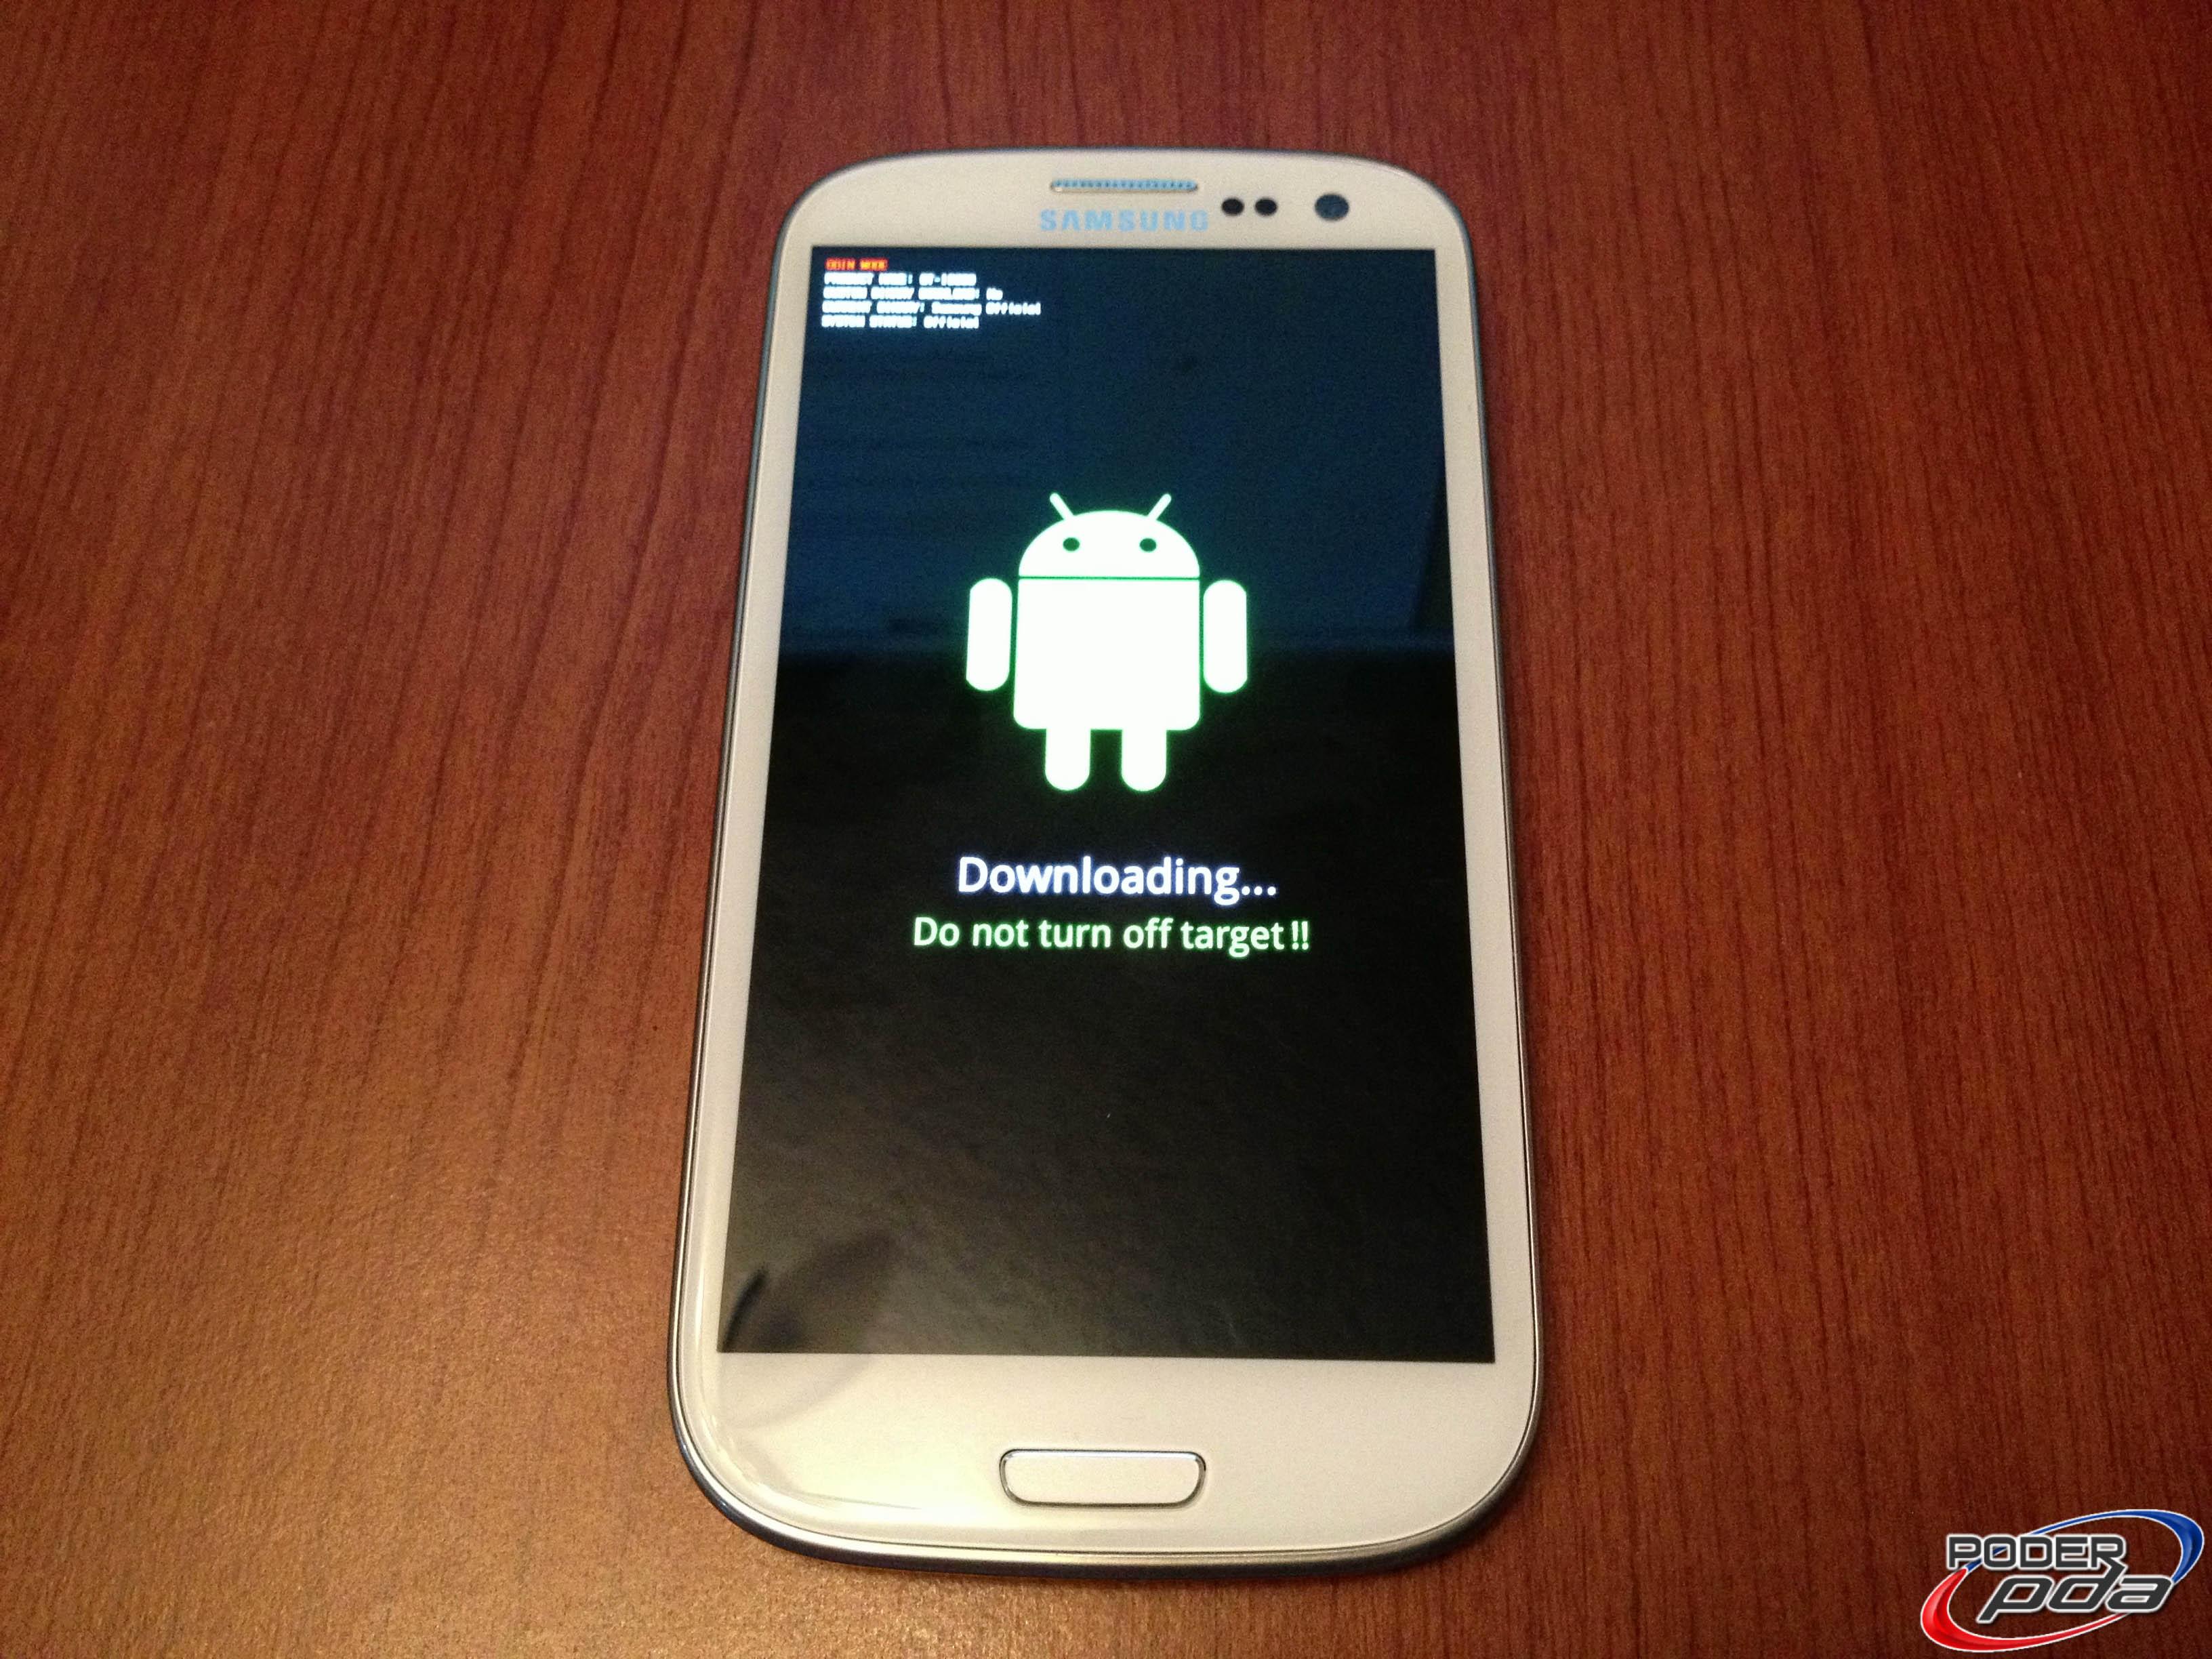 Samsung Galaxy S3 Pantalla Download Mode